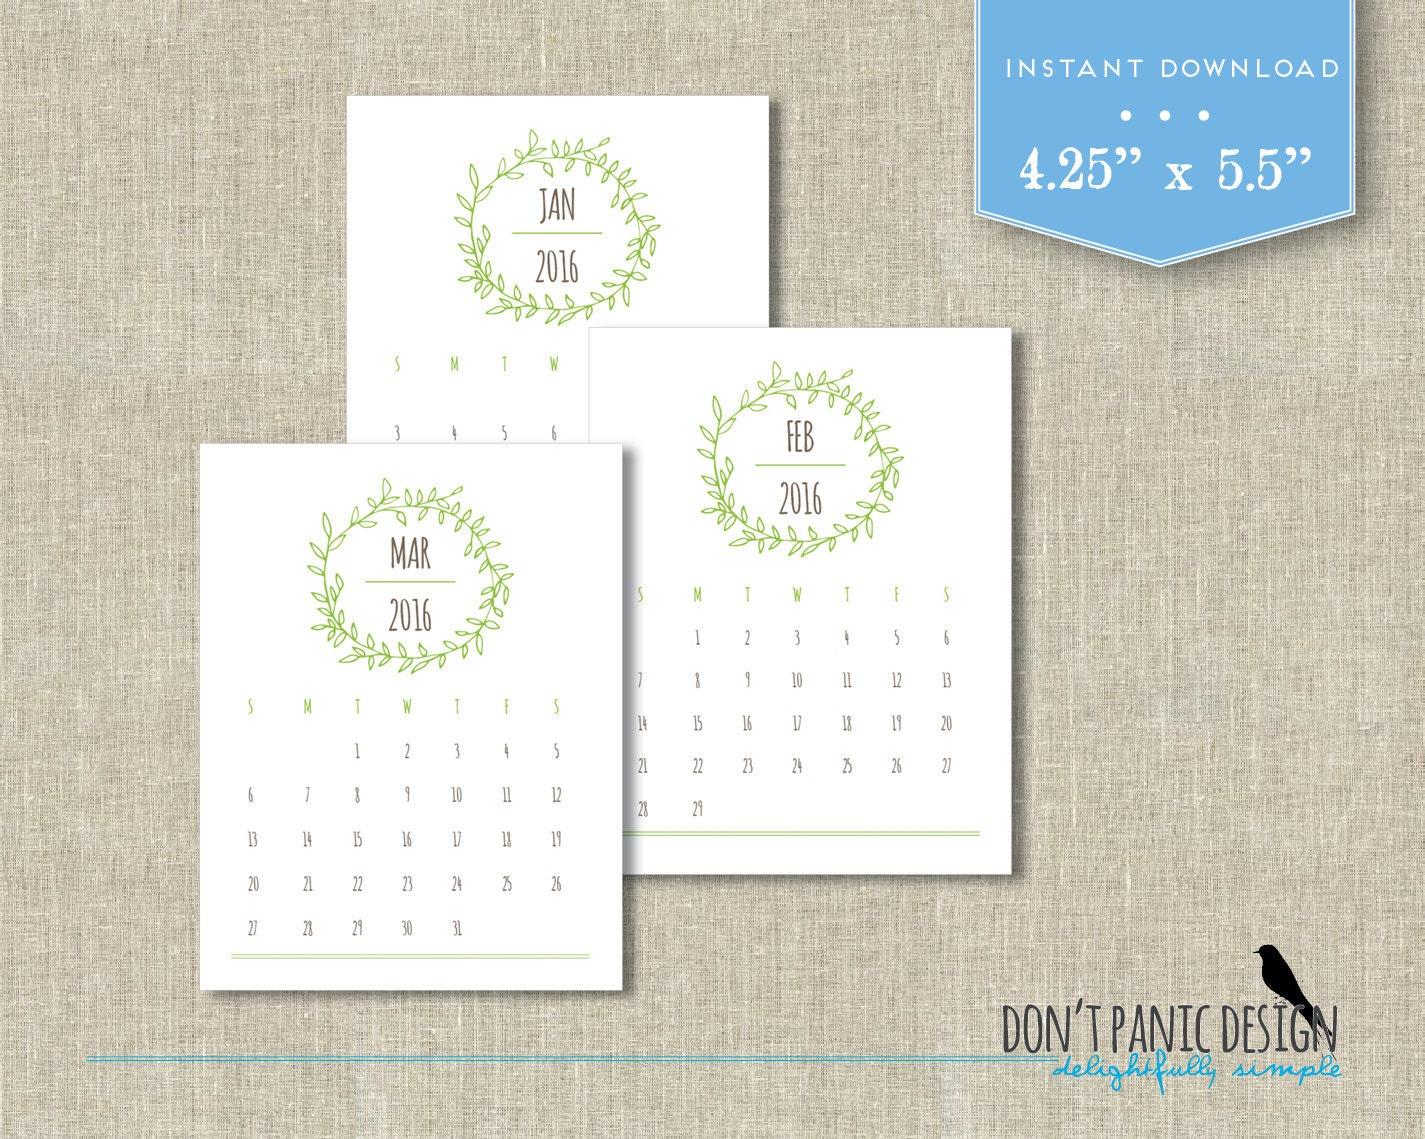 2016 2017 Printable Desk Calendar Woodland by dontpanicOrganize